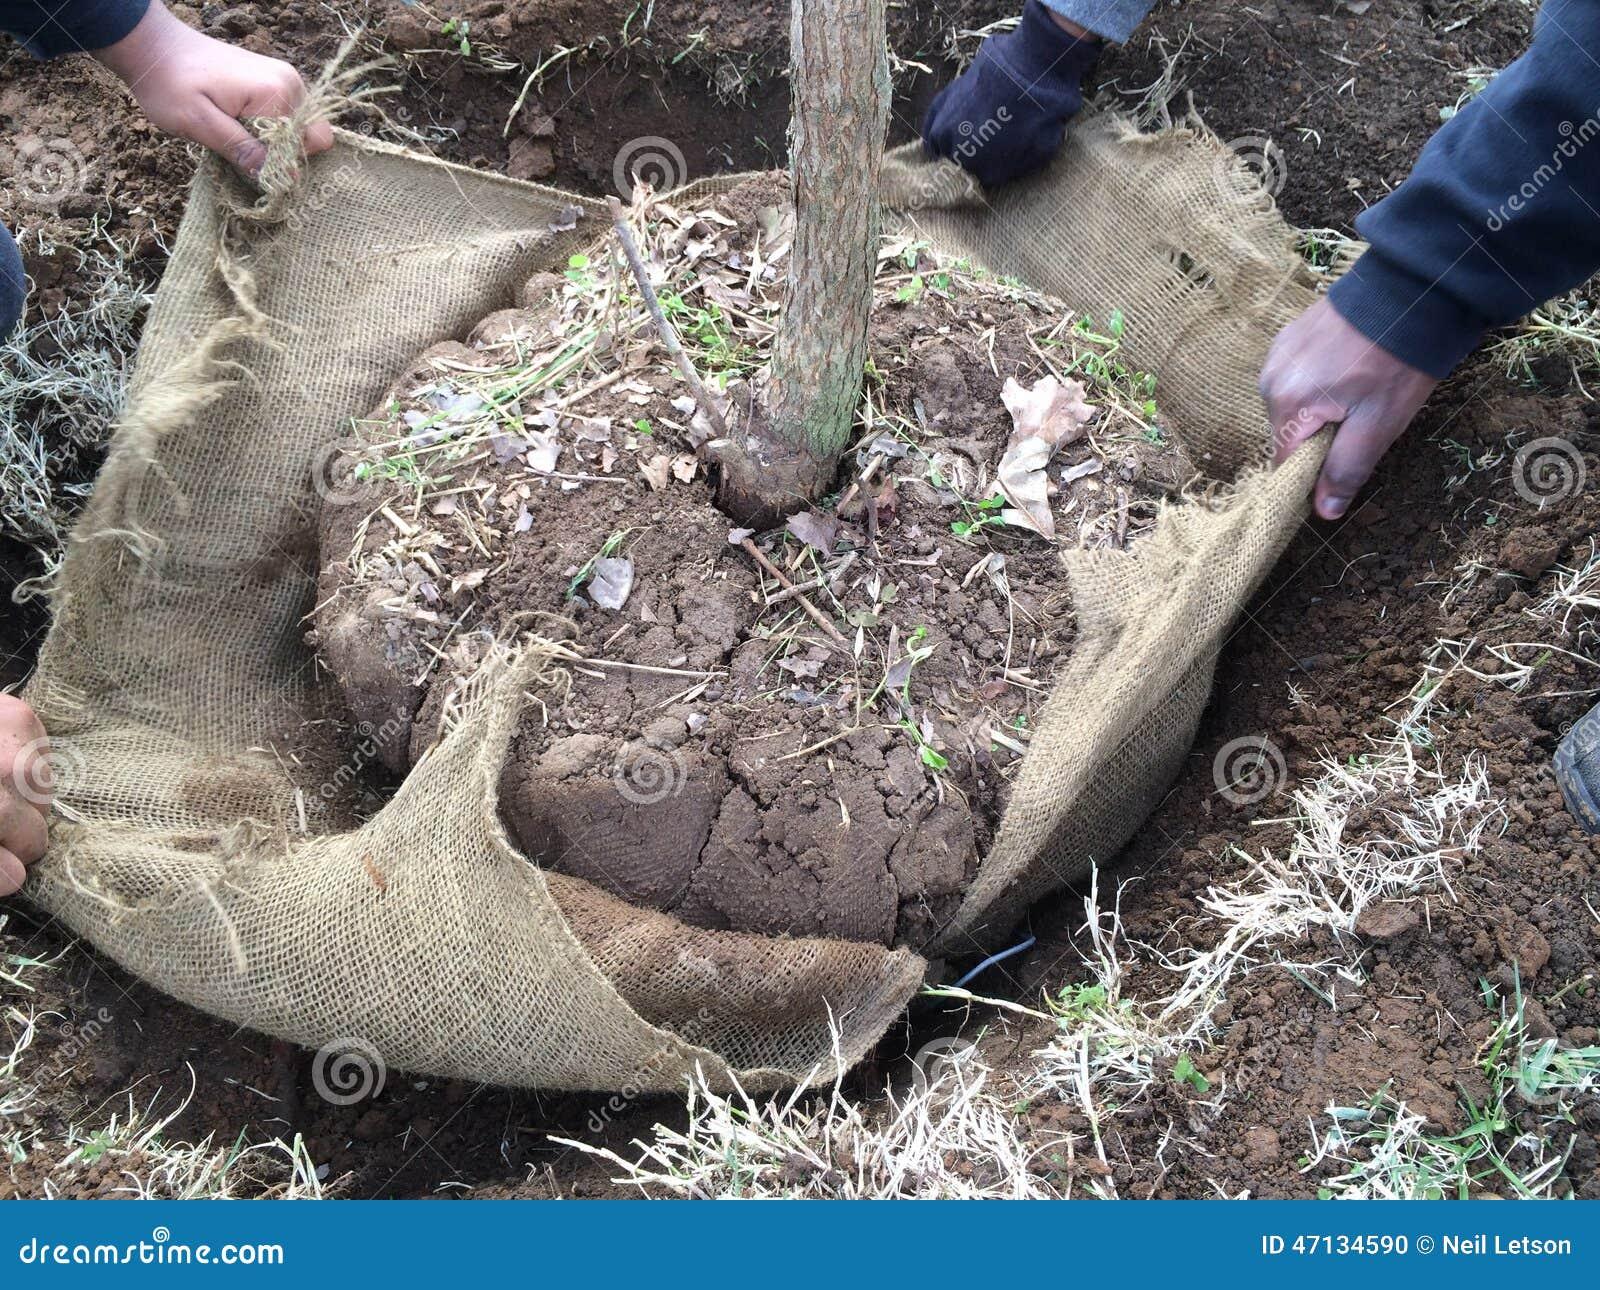 Removendo o envoltório de serapilheira em torno da árvore recentemente plantada